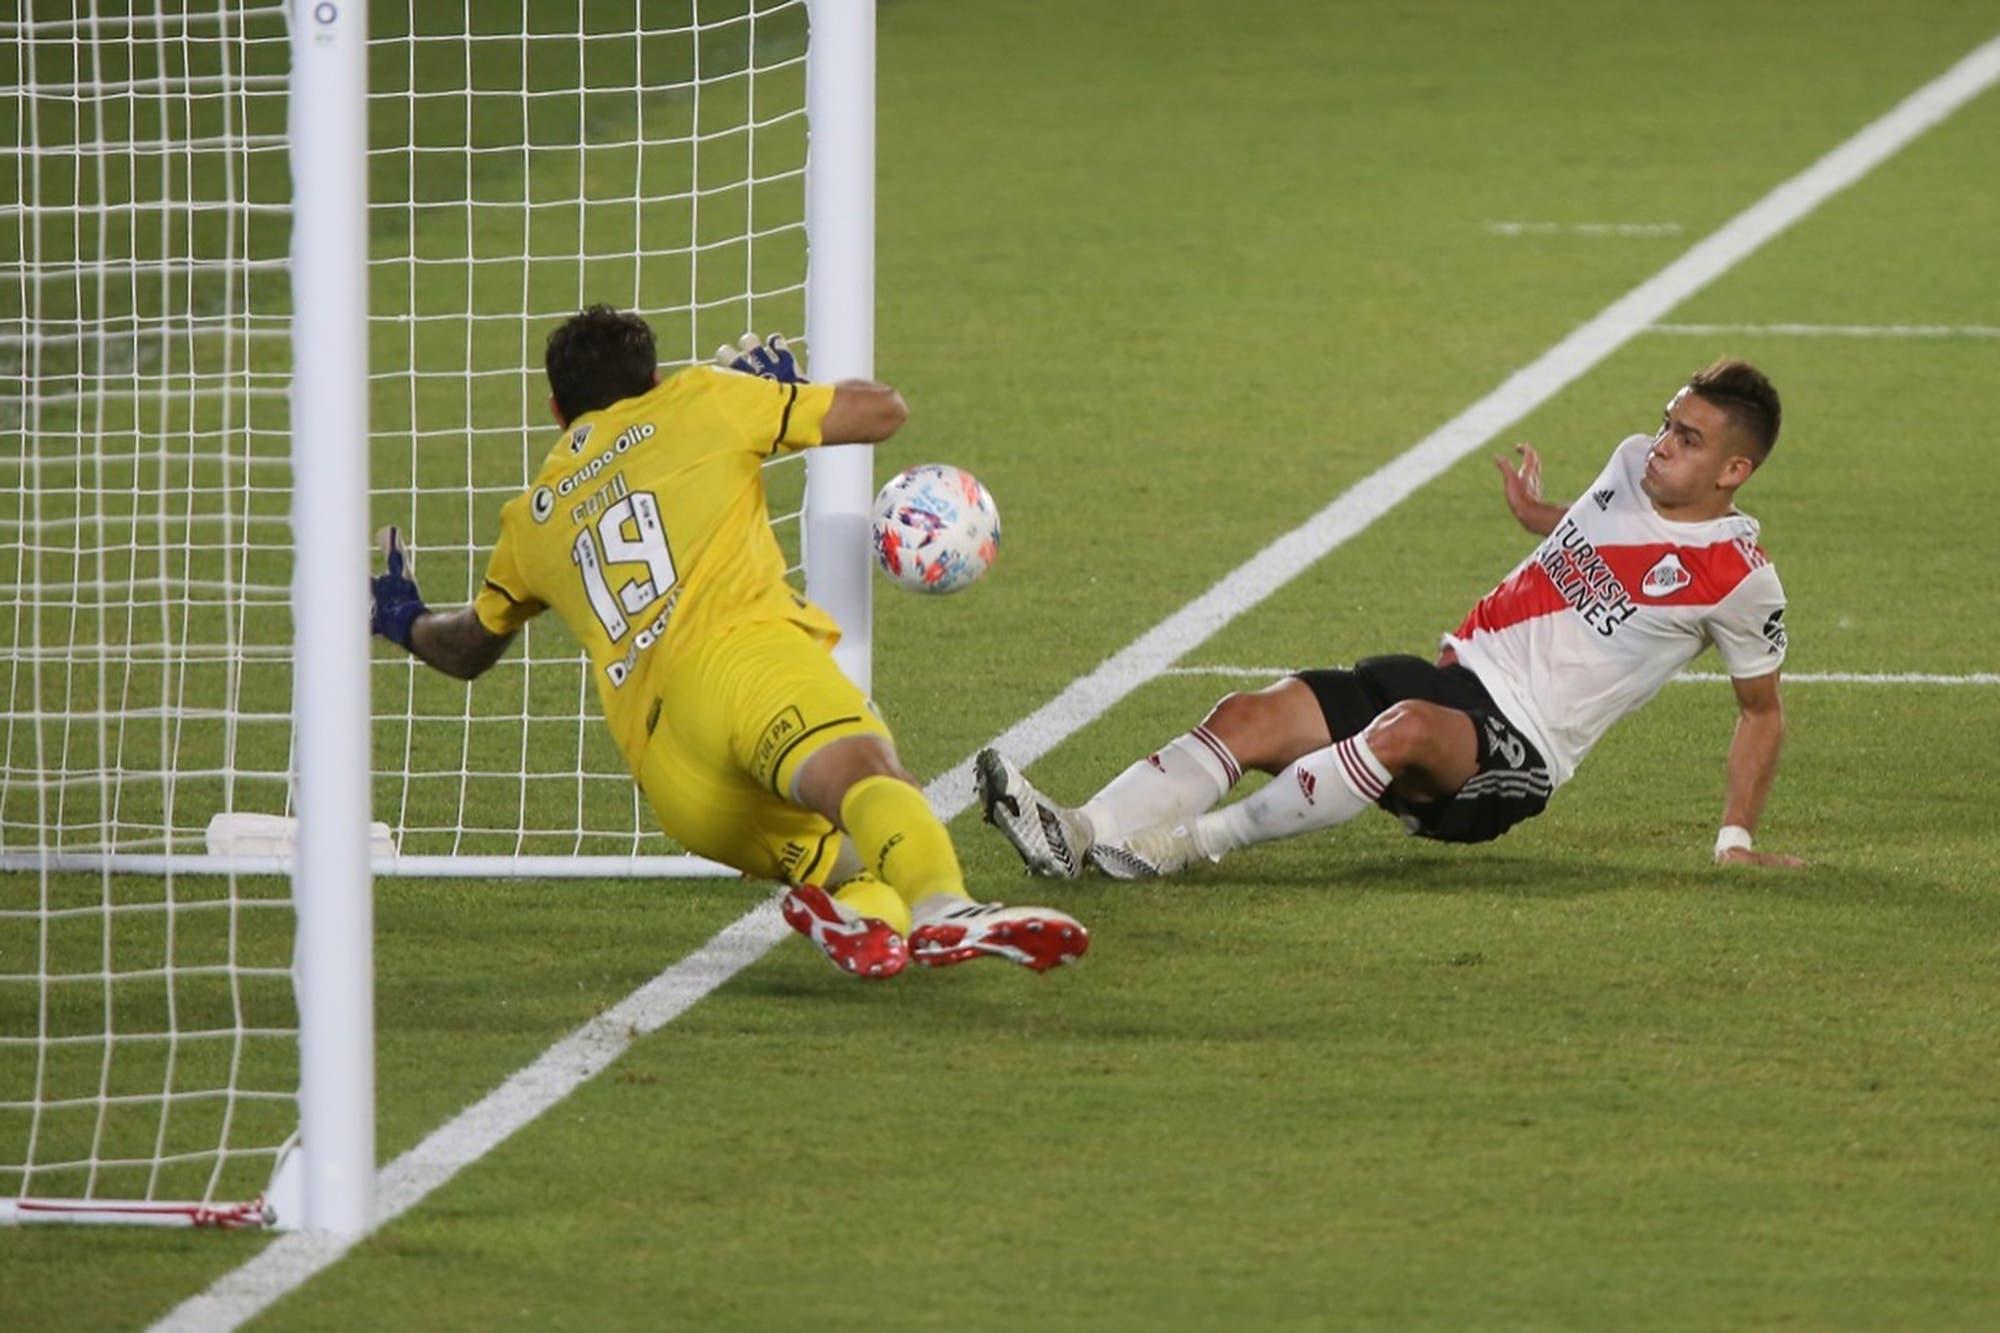 mejorar-las-canchas,-un-primer-paso-para-recuperar-la-tecnica-perdida-por-el-futbol-argentino